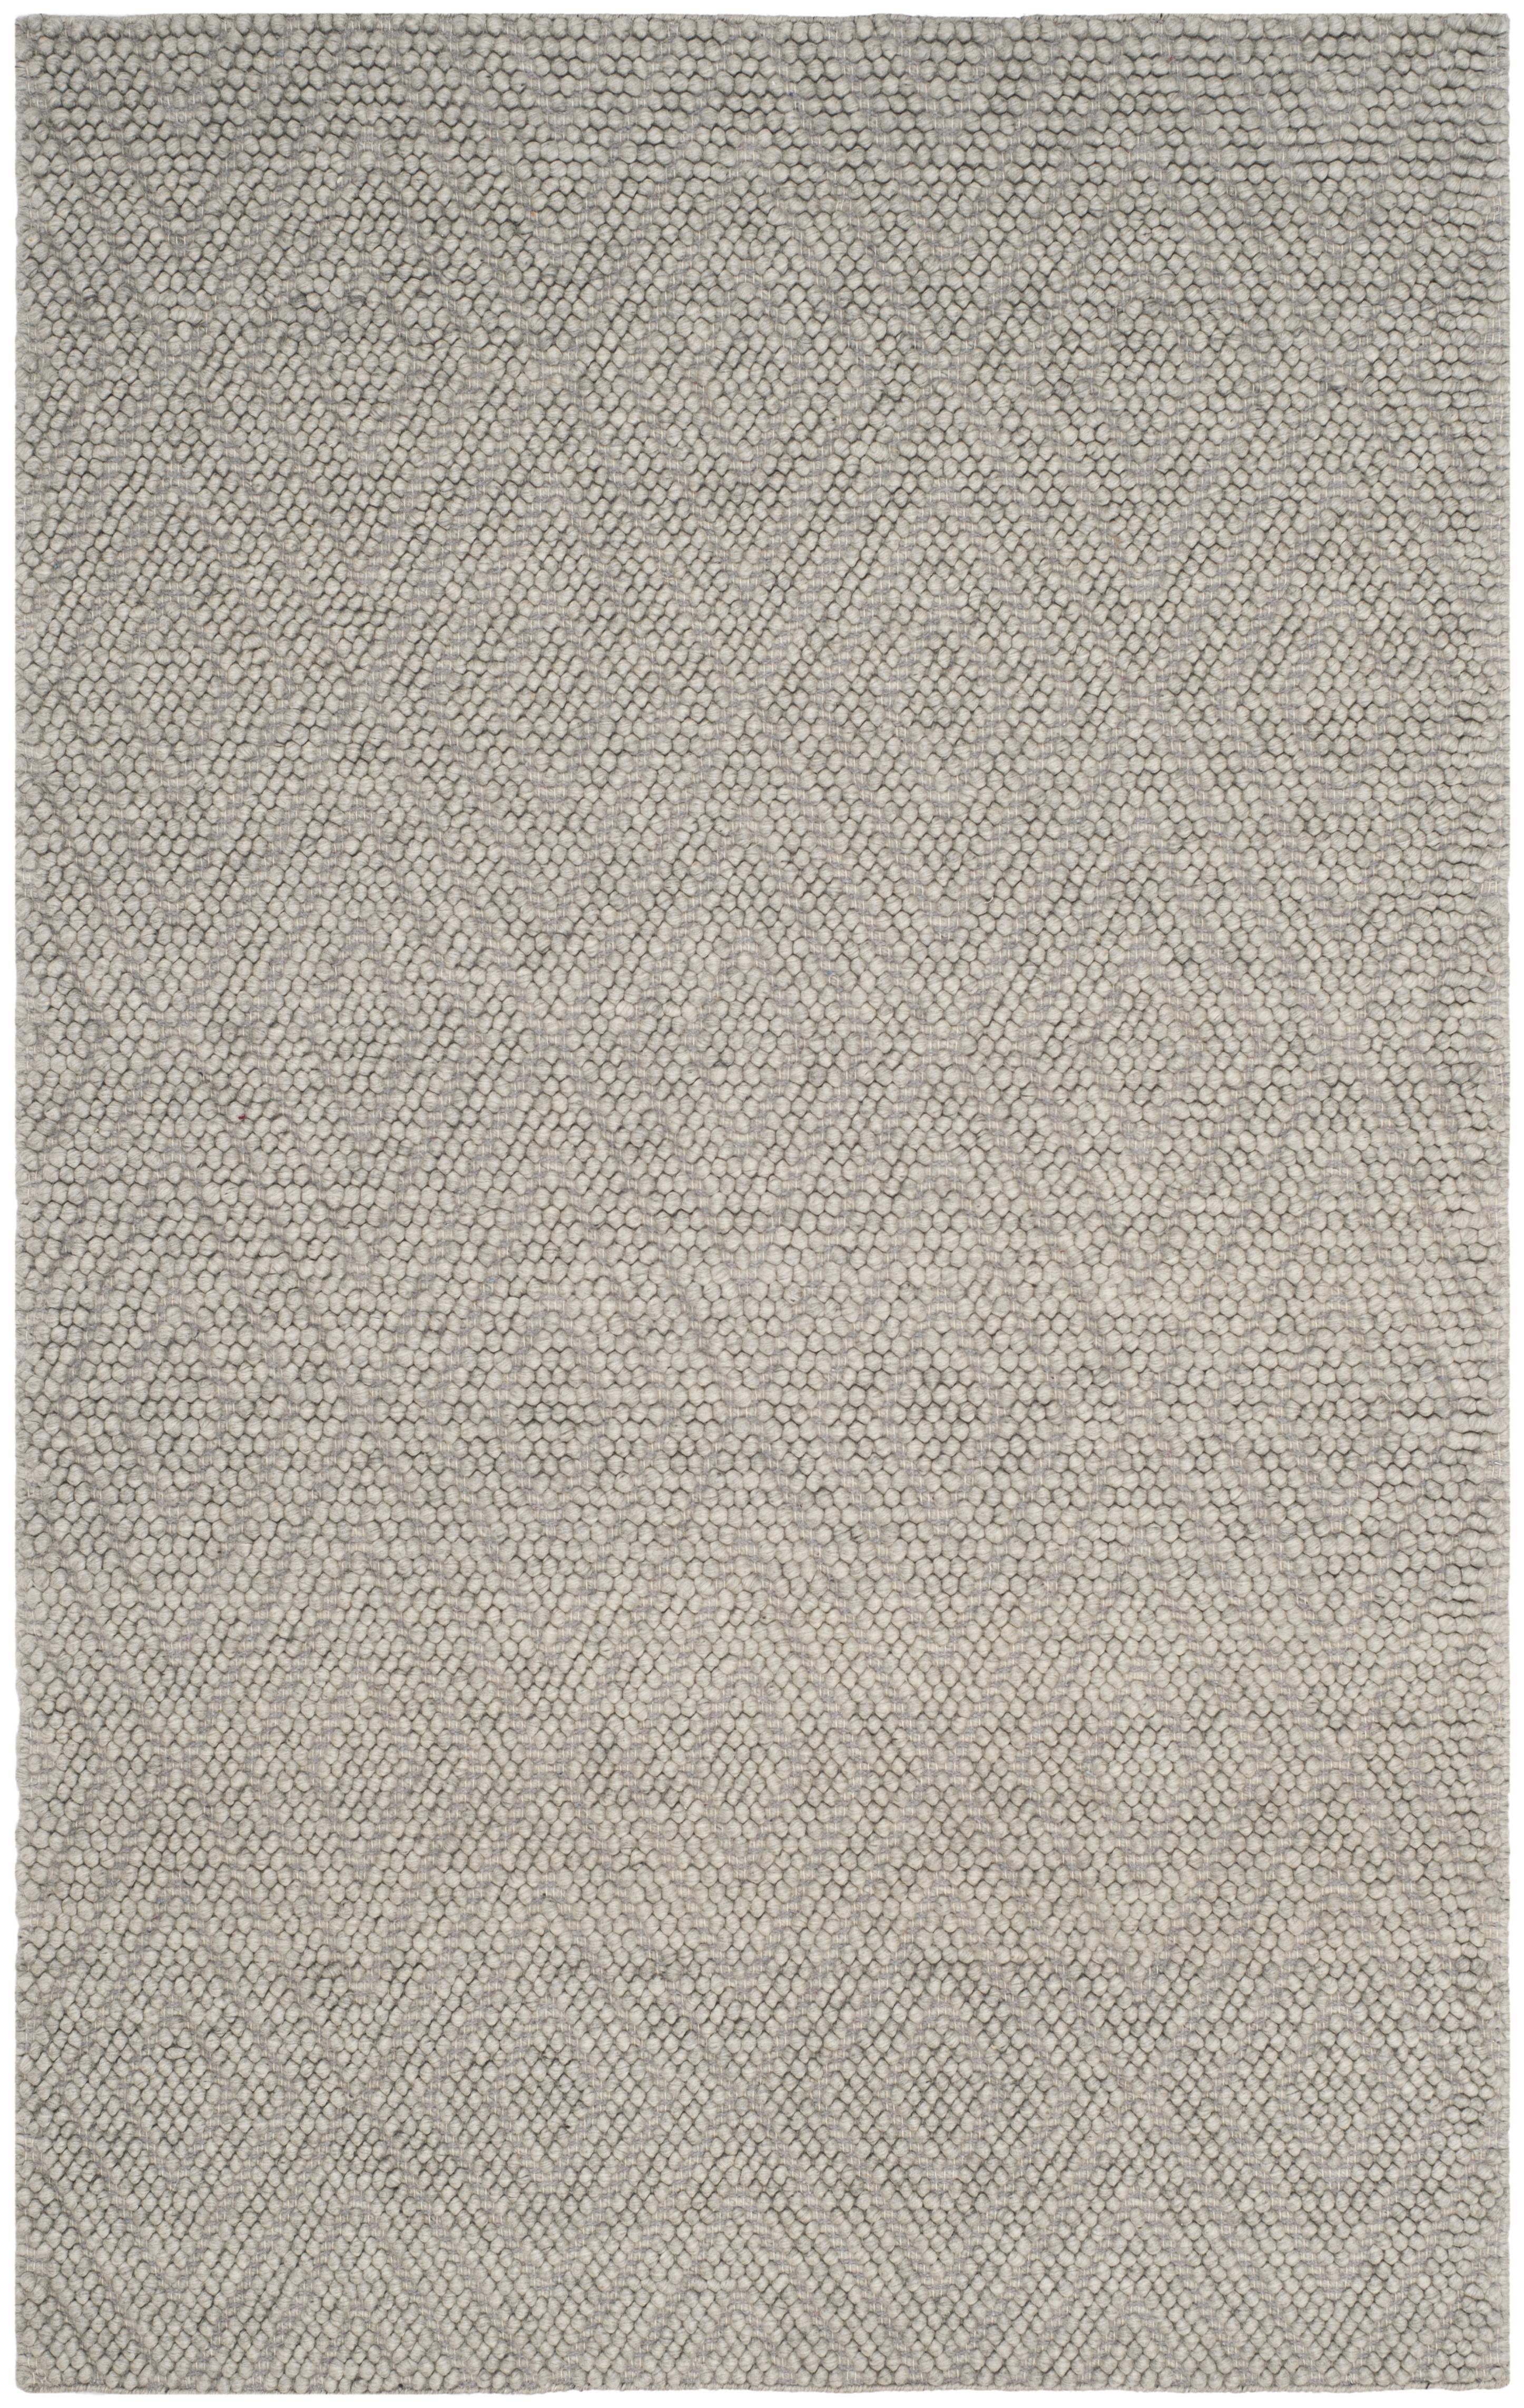 Chipley 623 5' X 8' Silver Wool Rug